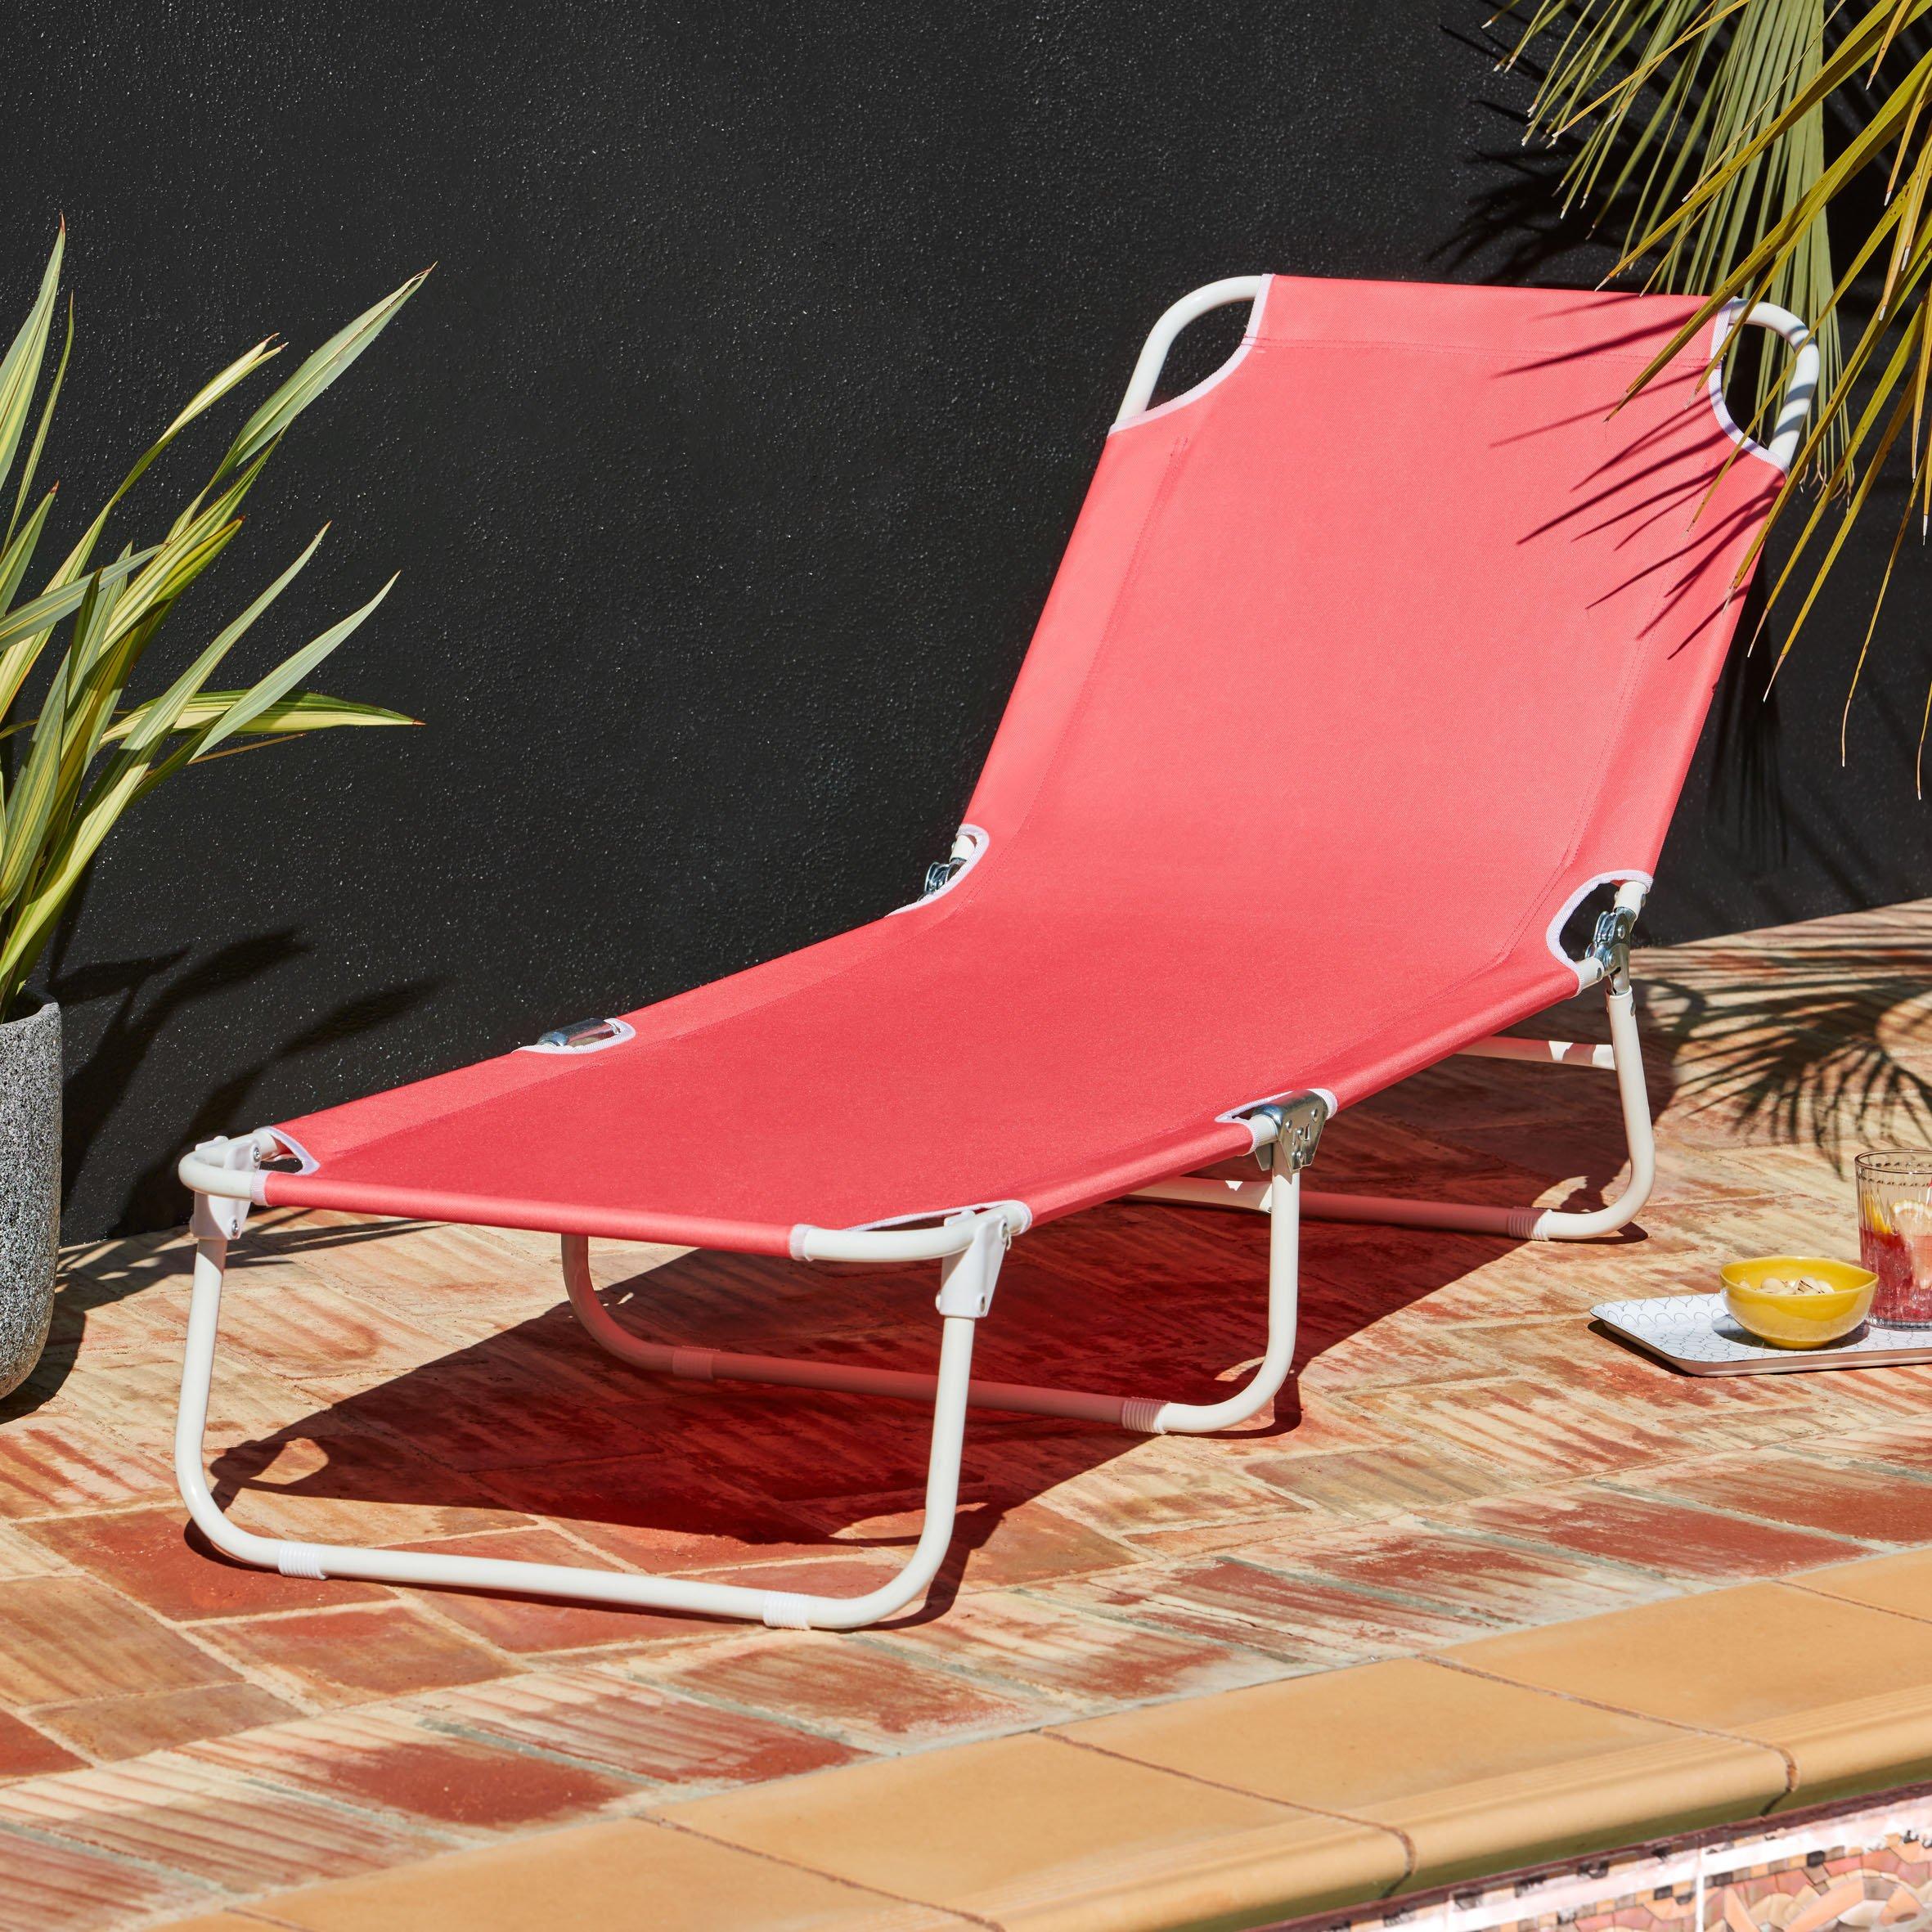 relaxing outdoor sun lounger